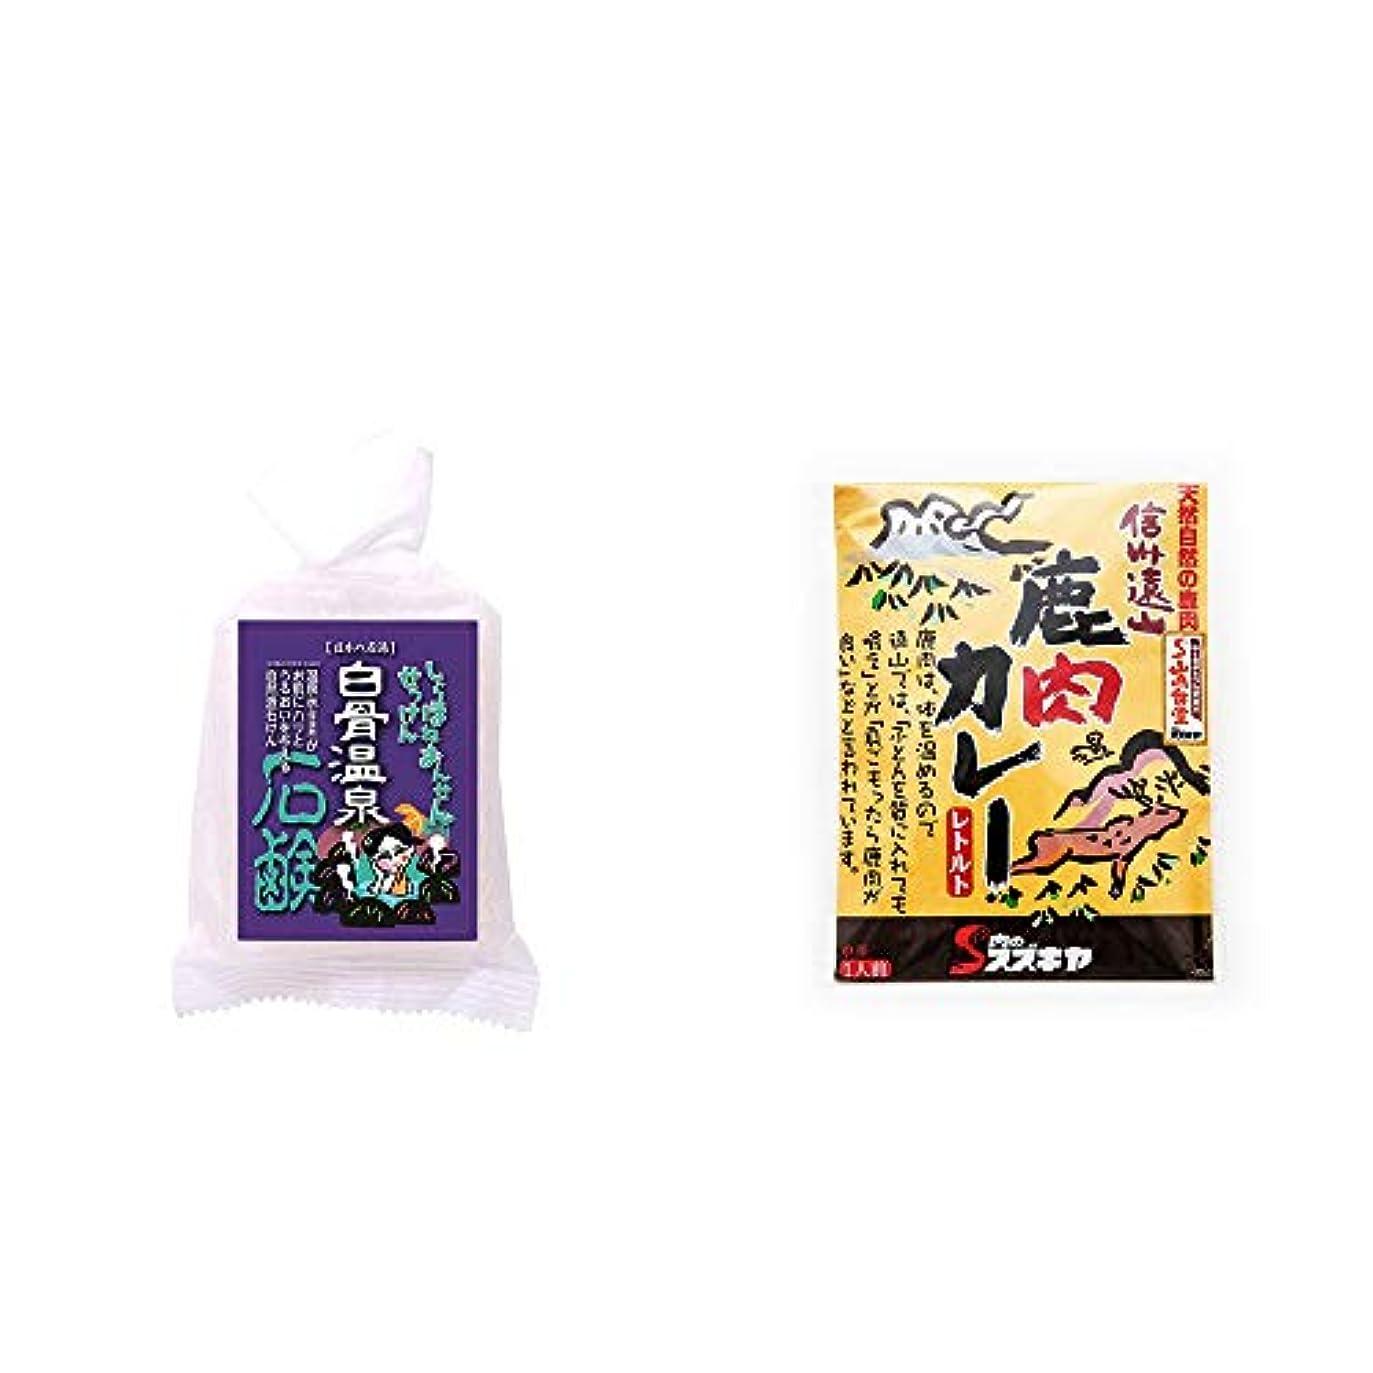 虹マニュアル装置[2点セット] 信州 白骨温泉石鹸(80g)?信州遠山 鹿肉カレー 中辛 (1食分)